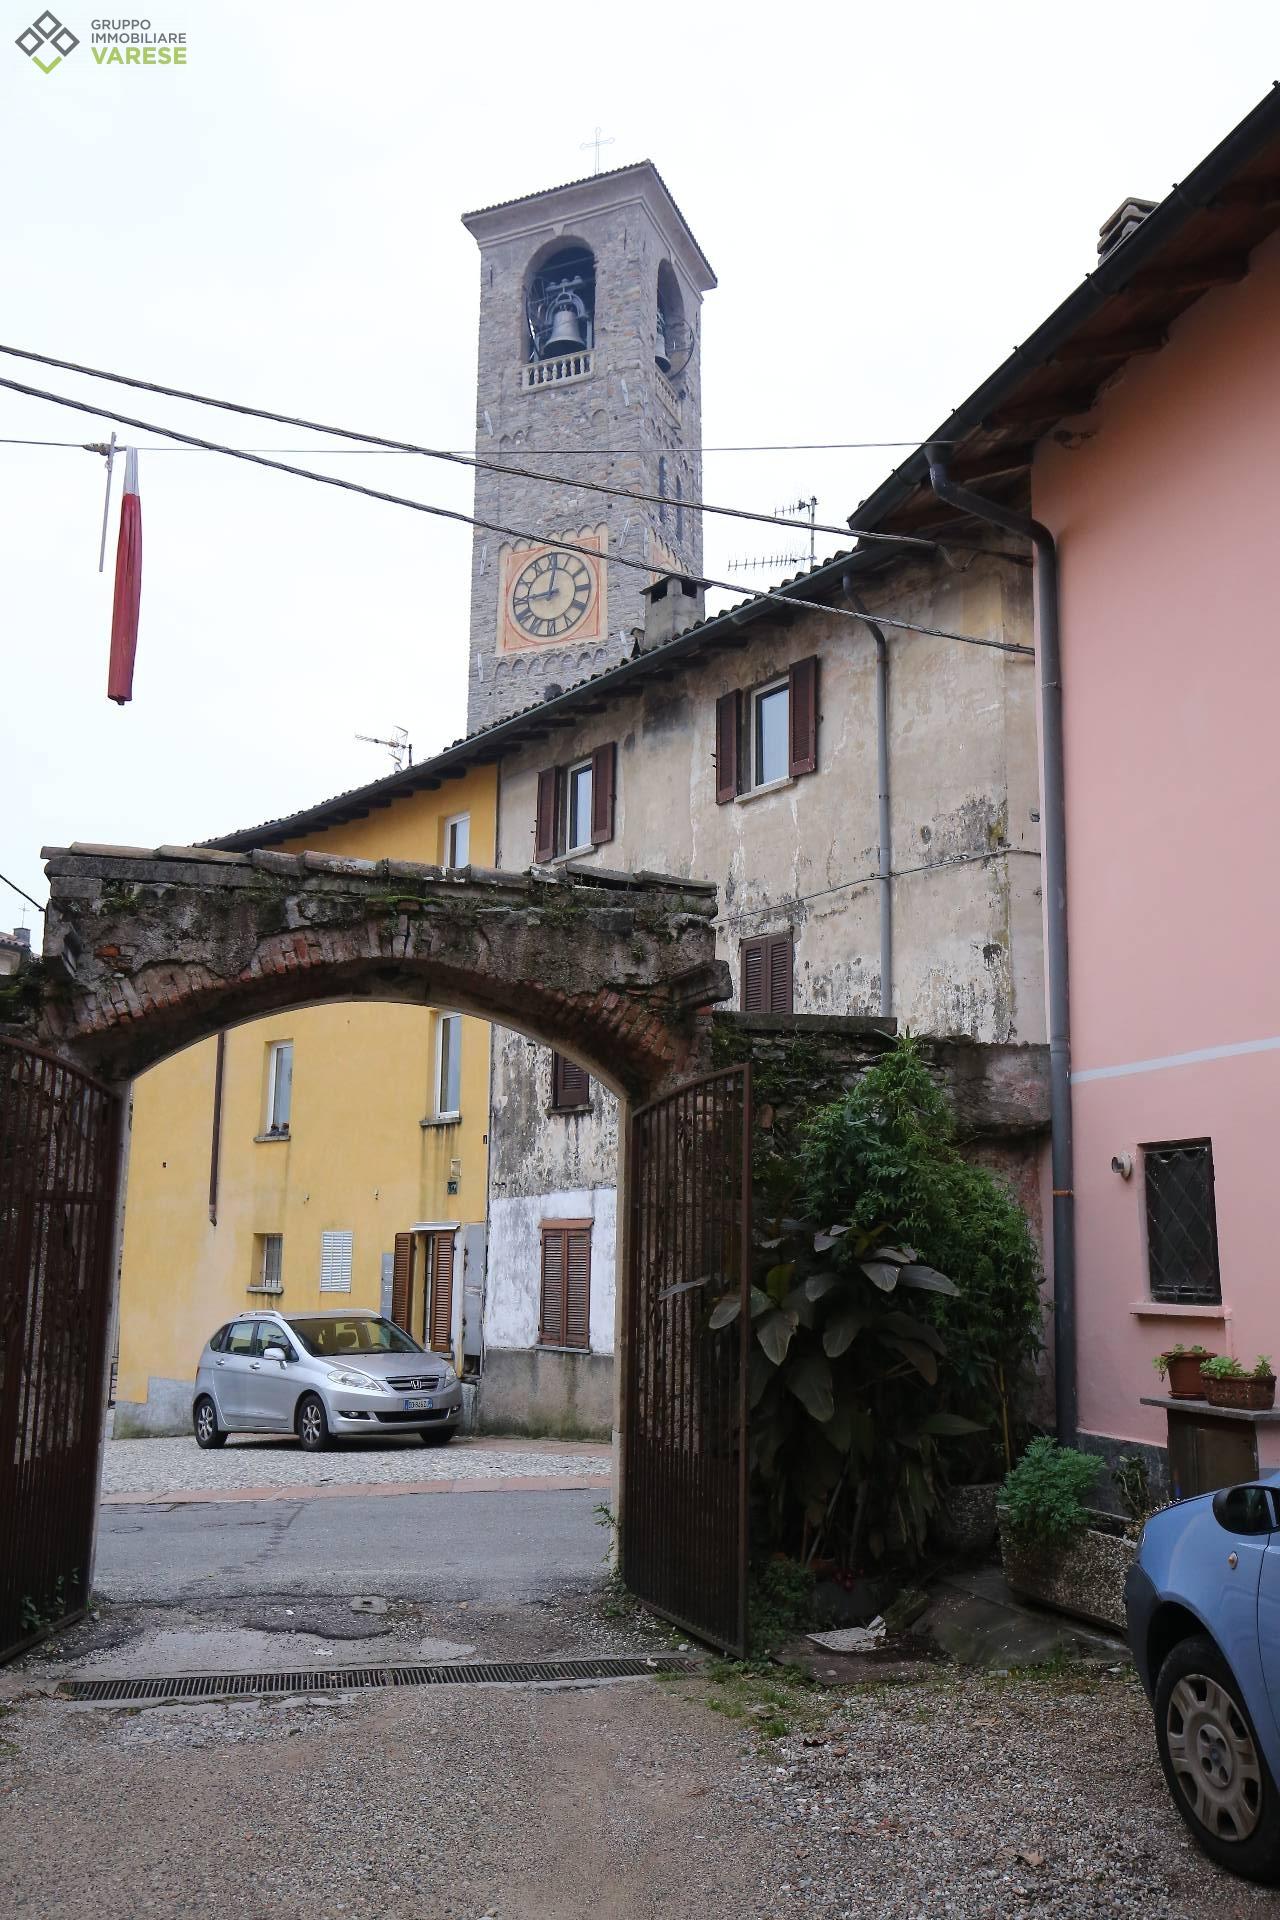 Rustico / Casale in vendita a Arcisate, 1 locali, prezzo € 85.000 | CambioCasa.it